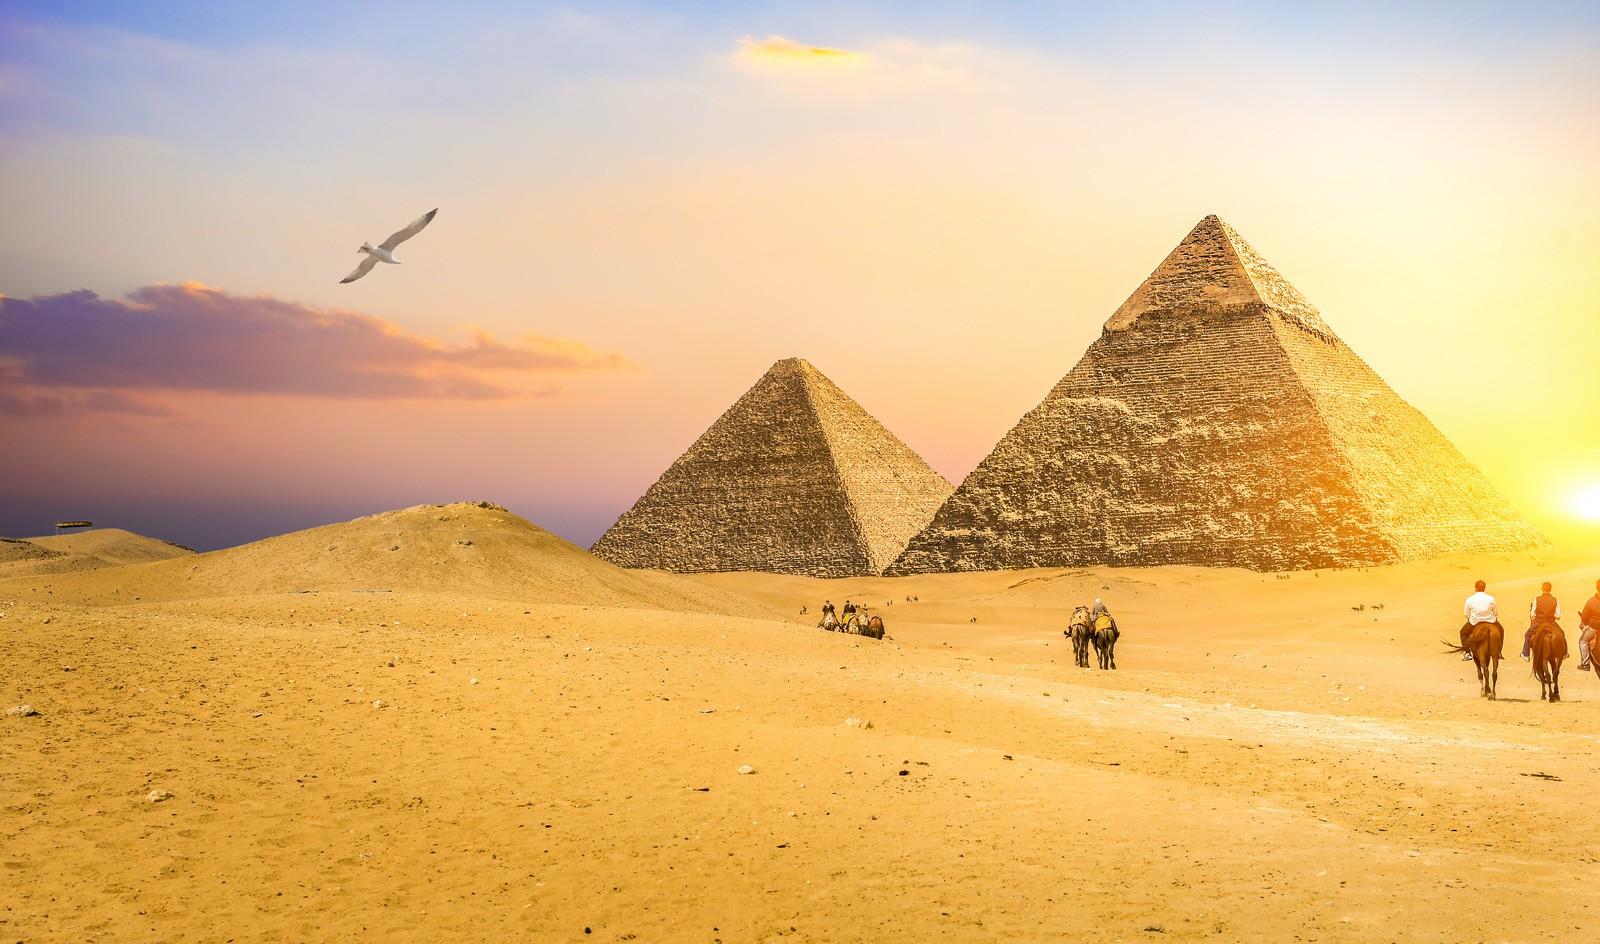 die pyramiden von giyeh. privater ausflug von el quseir nach kairo